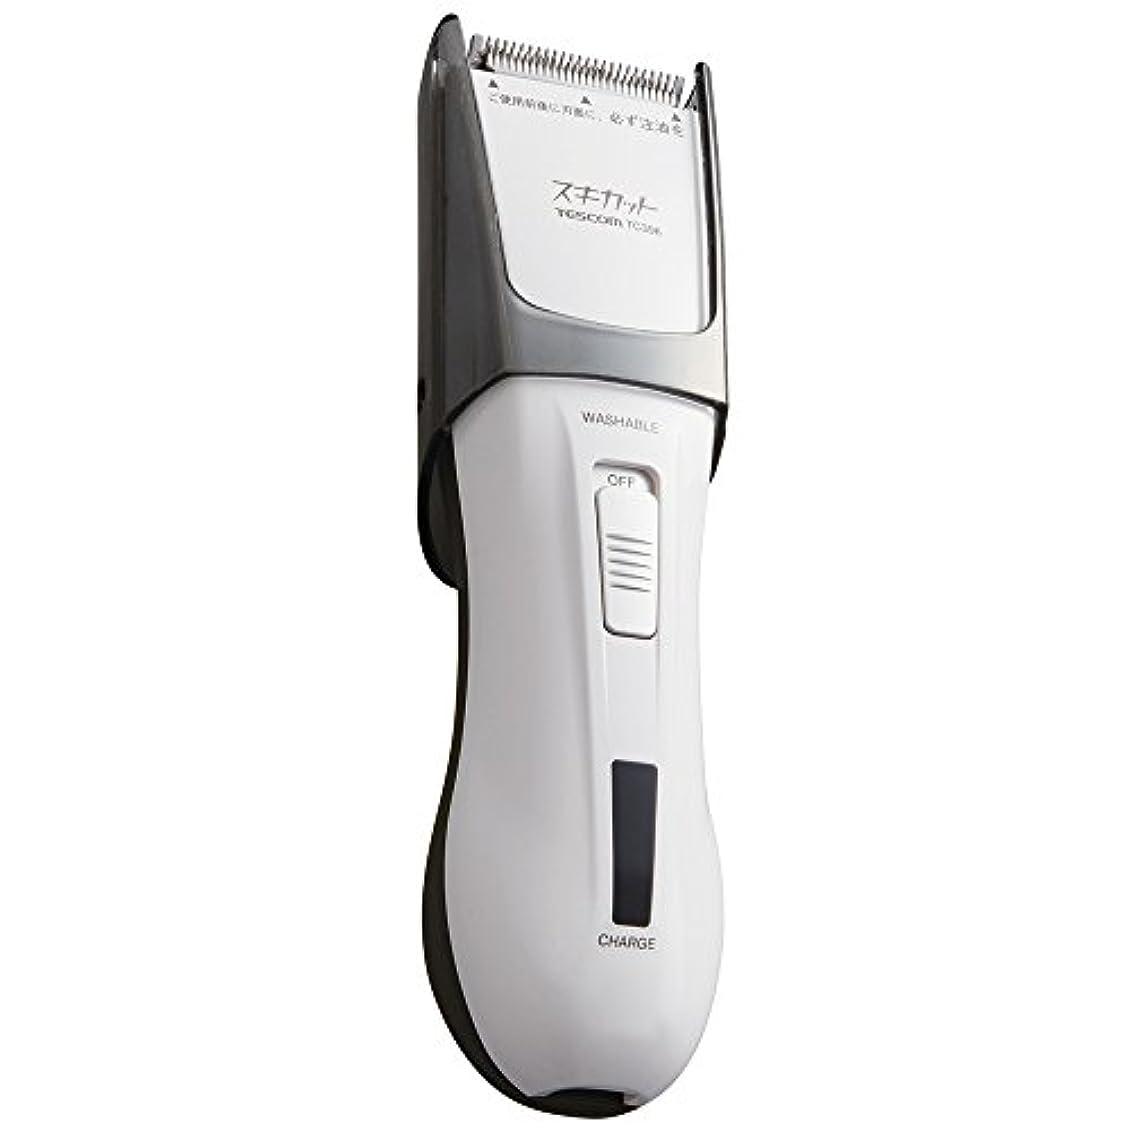 登場関与するスイッチTESCOM スキカット 電気バリカン ホワイト TC396-W